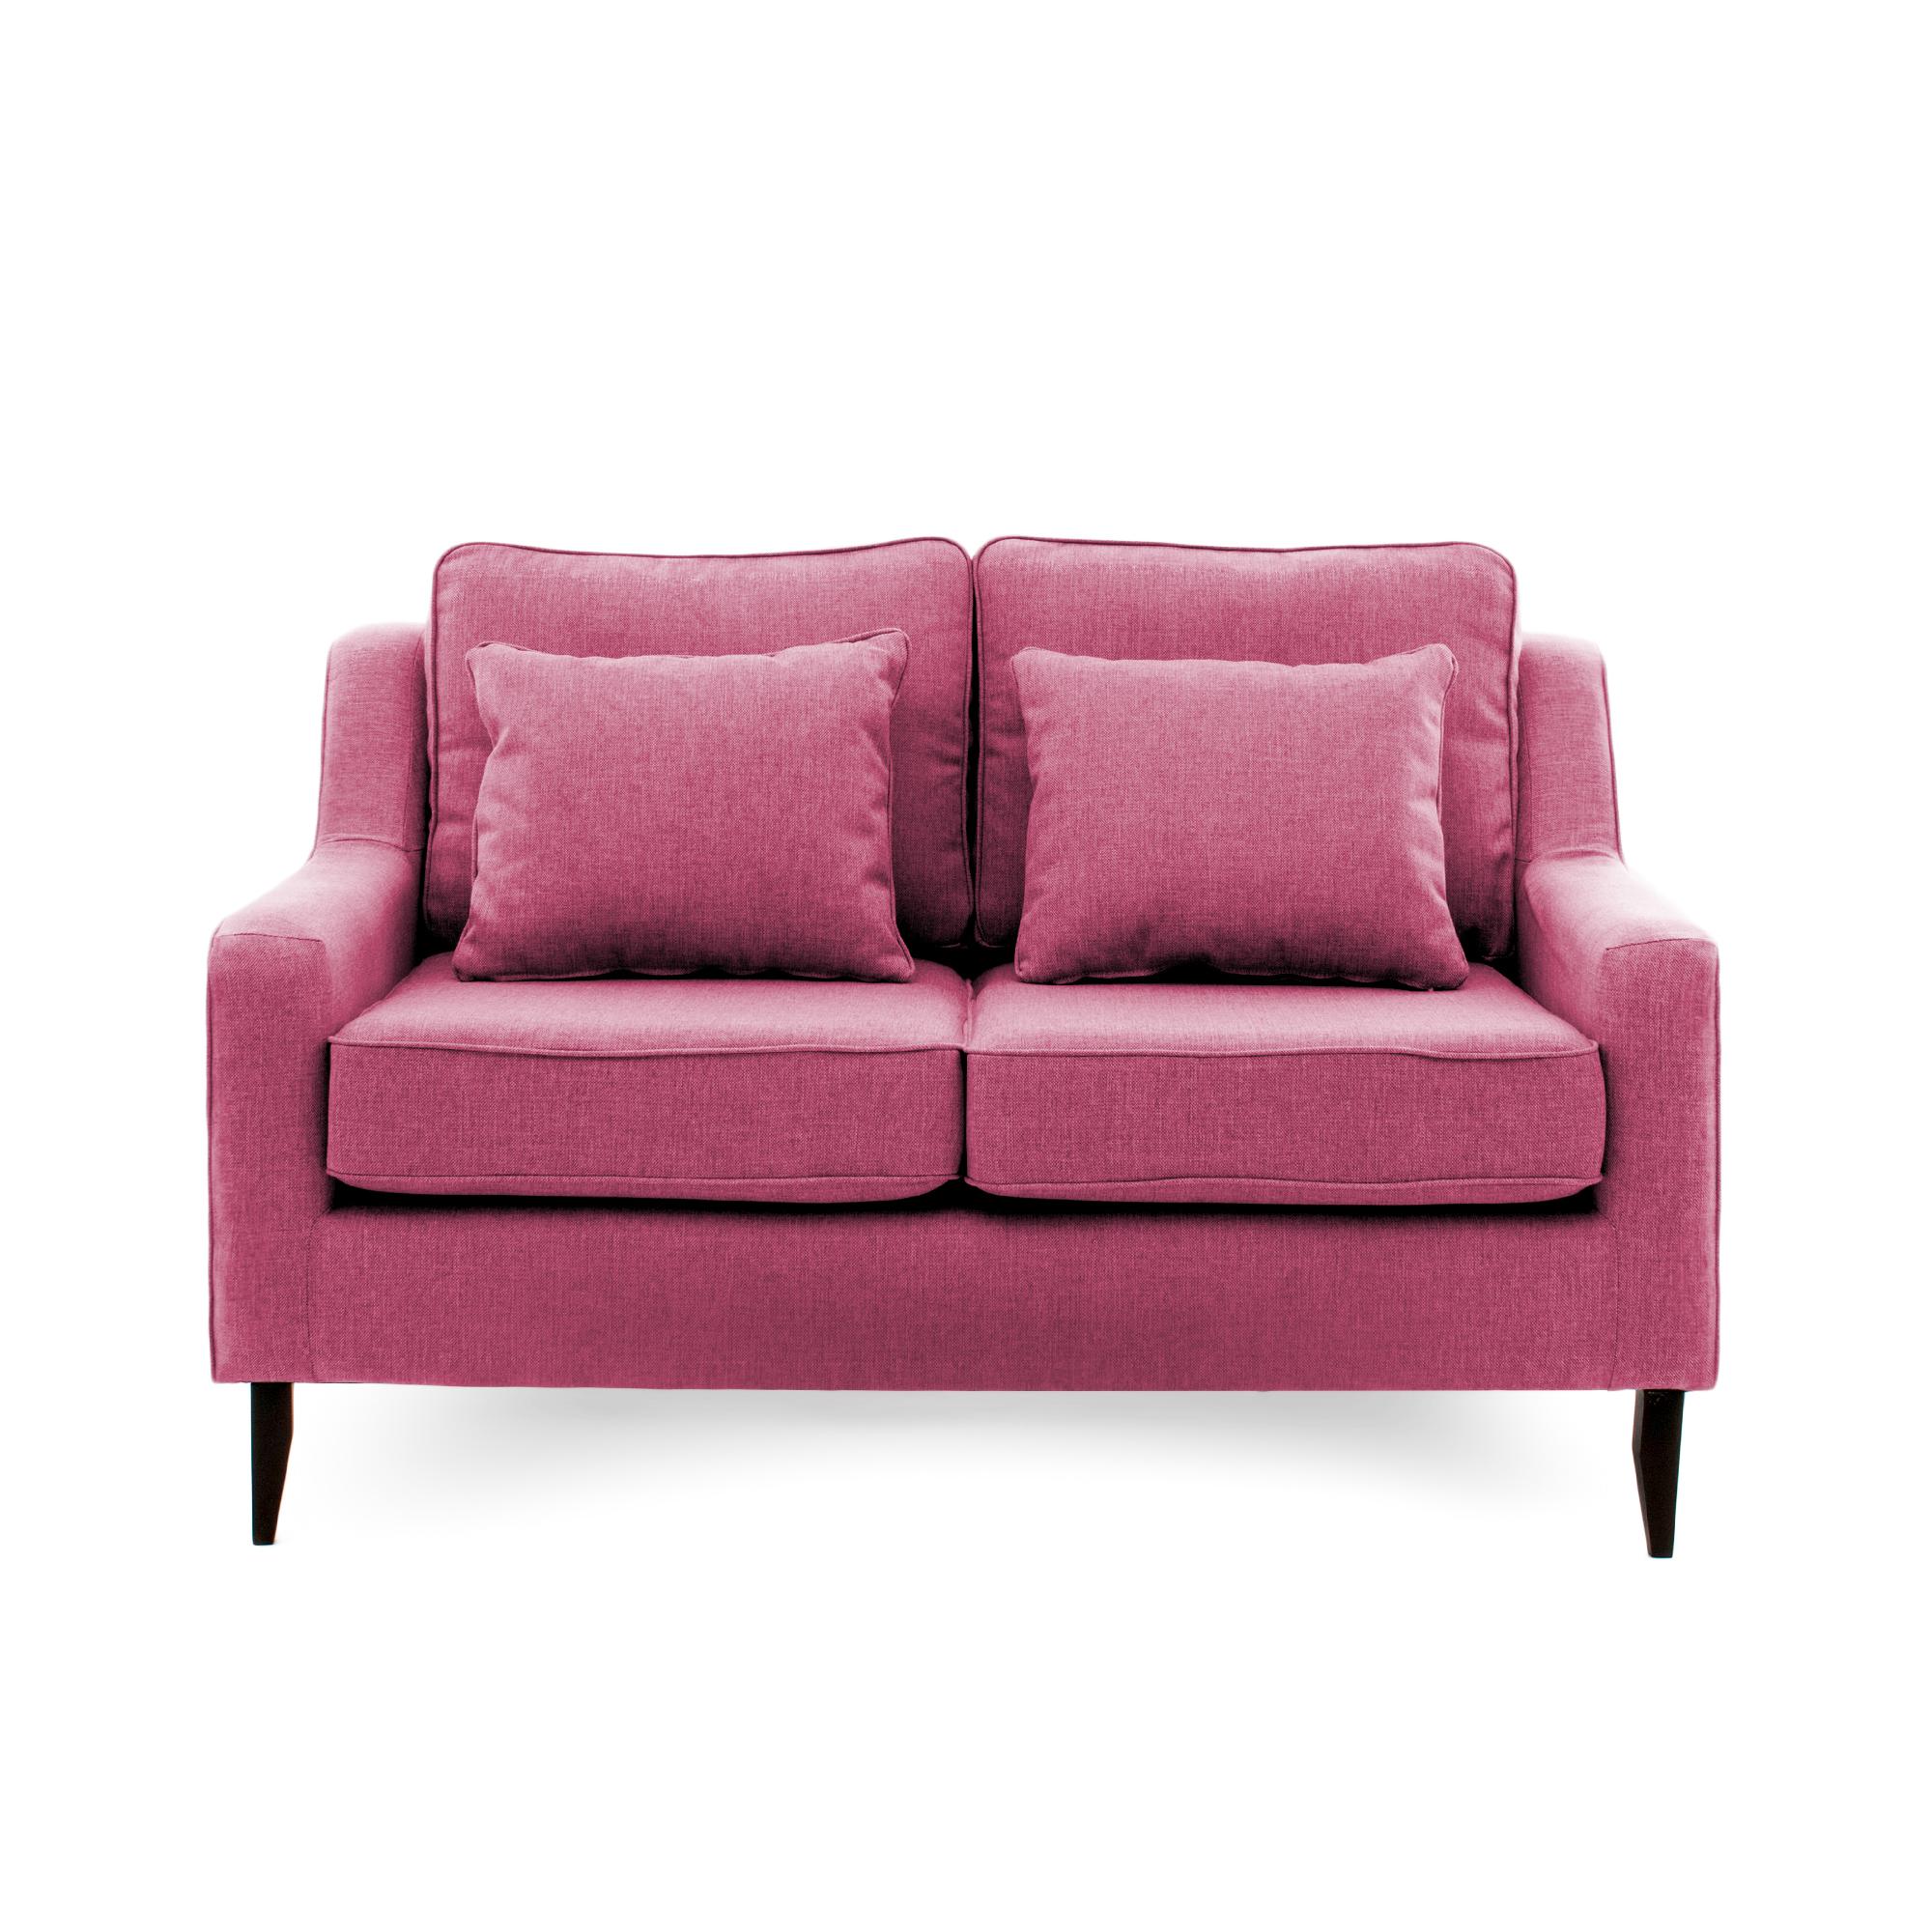 Canapea Fixa 2 locuri Bond Pink